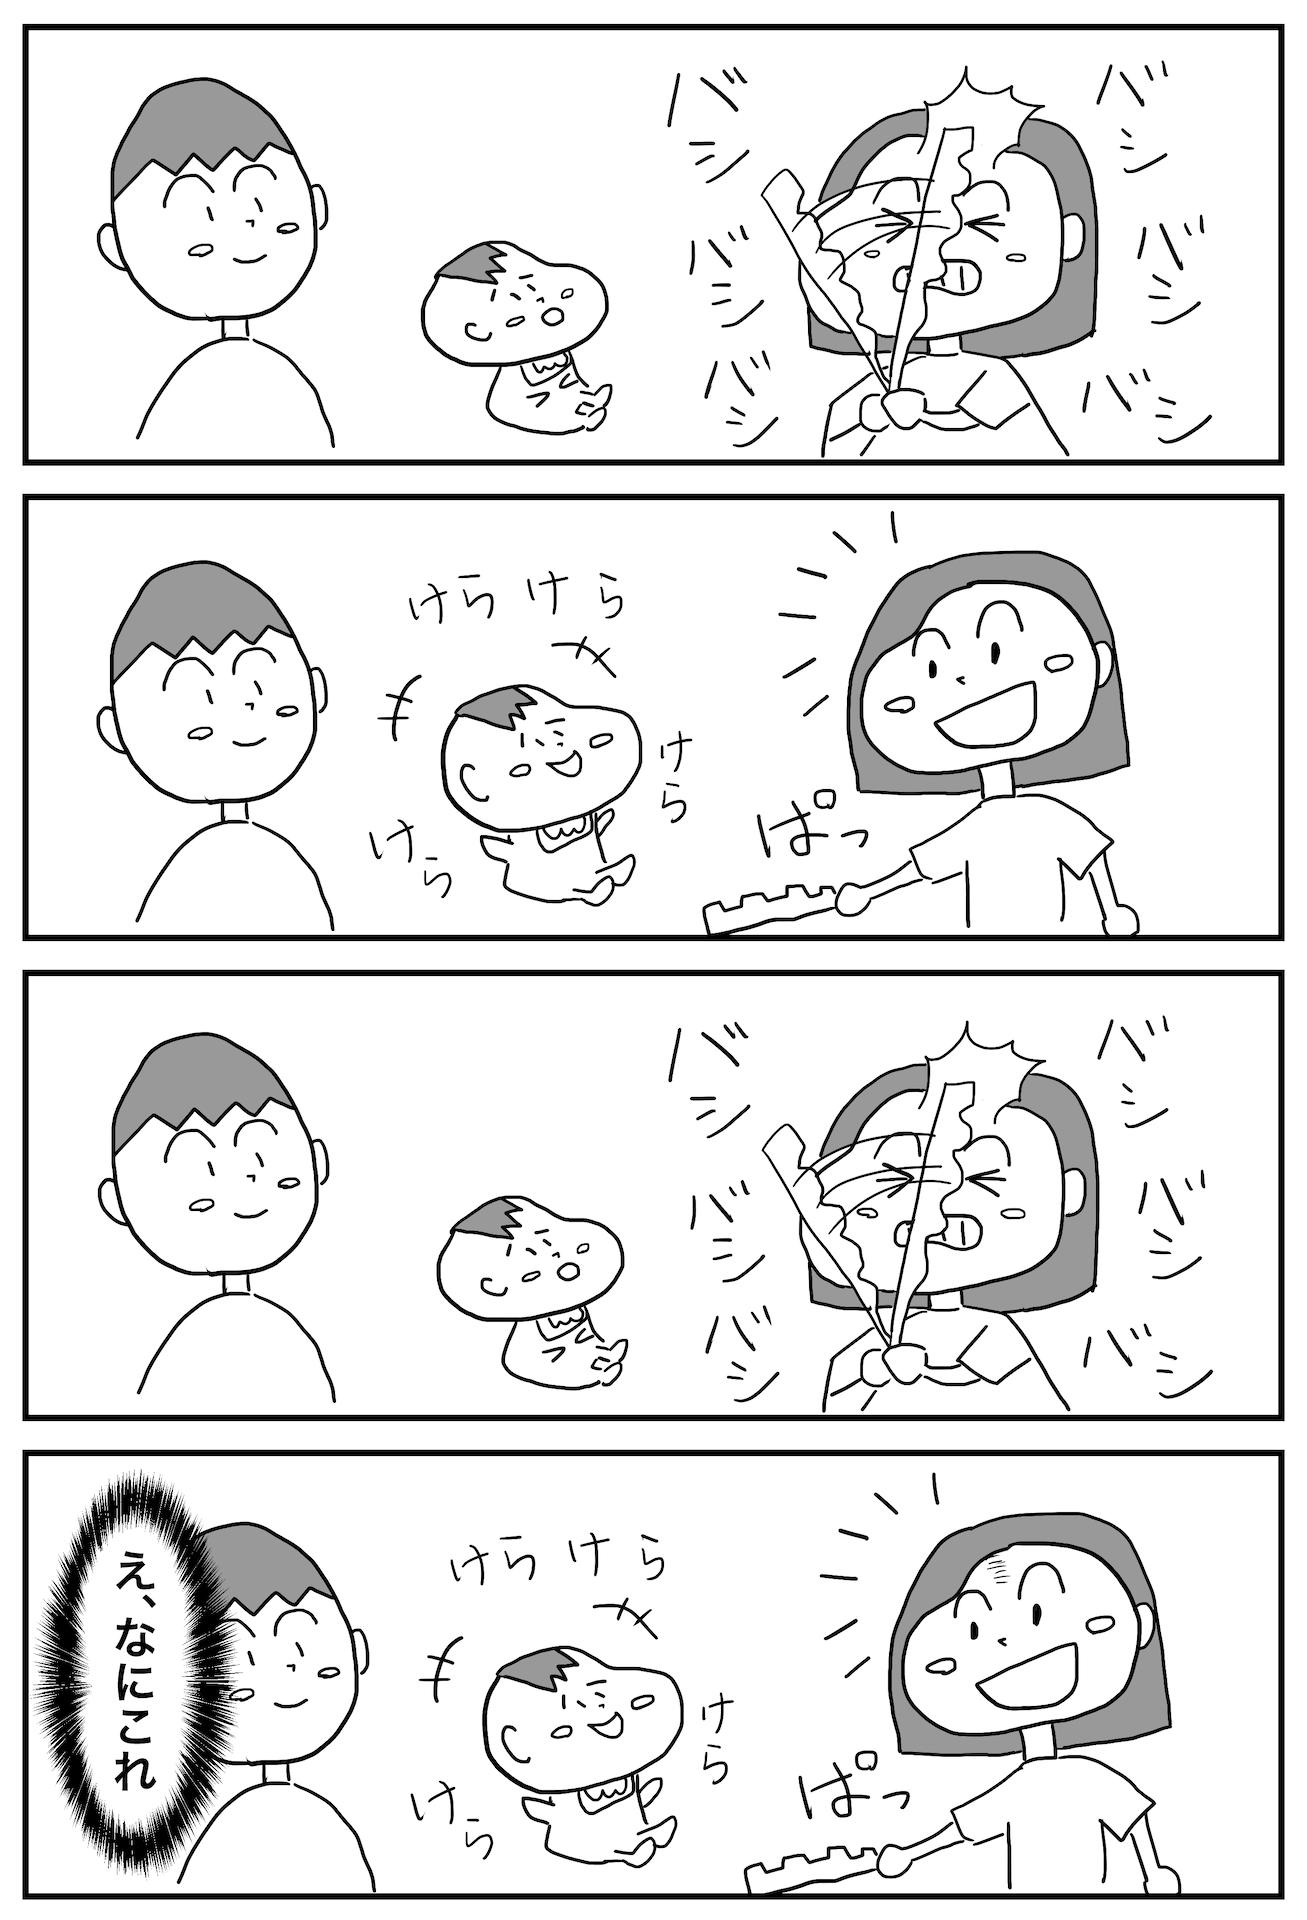 comic-bashi-bashi-1